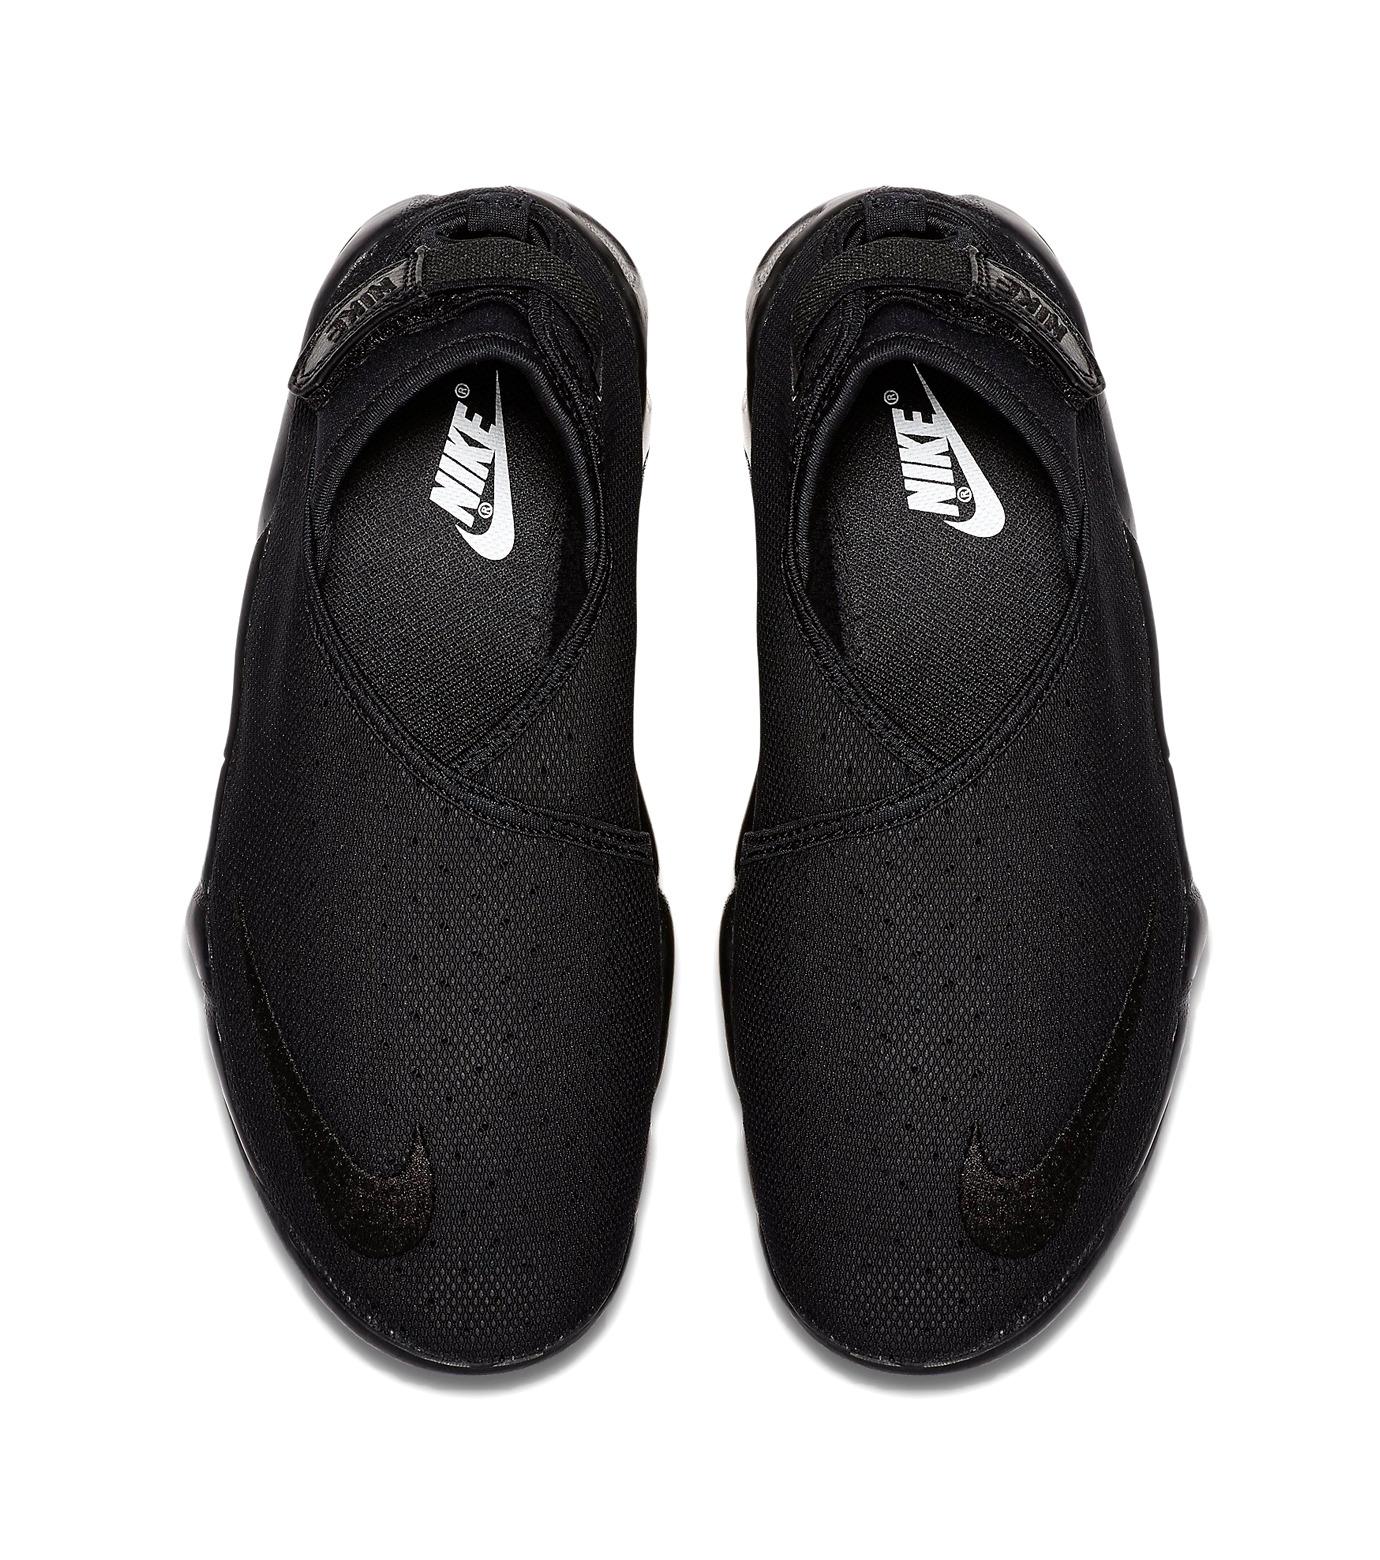 NIKE(ナイキ)のWMNS NIKE RIFT WRAP-BLACK(シューズ/shoes)-853541-003-13 拡大詳細画像5